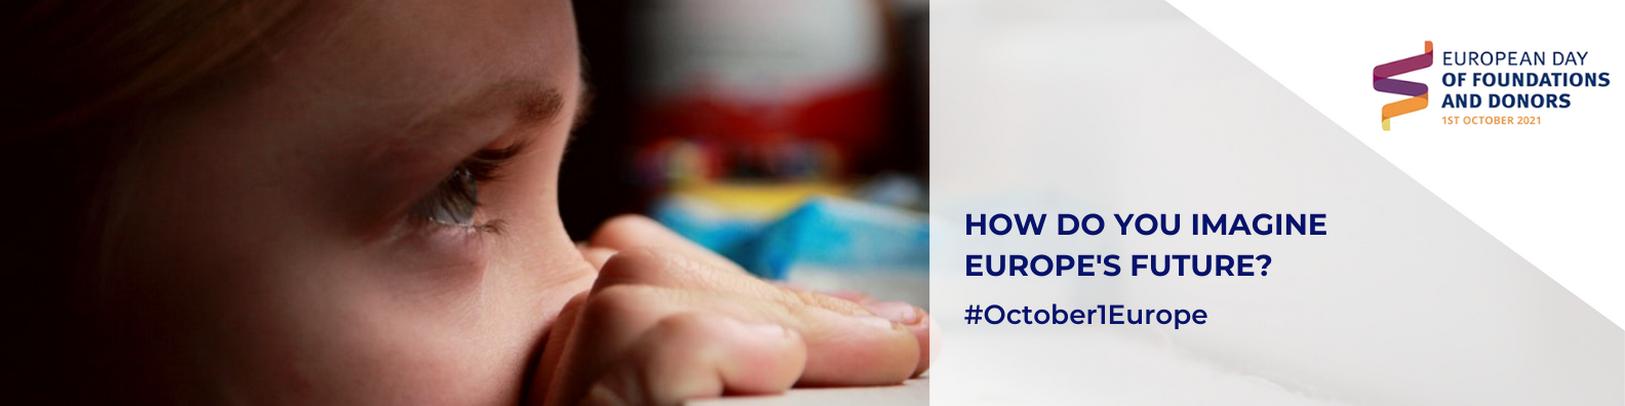 Diljem Hrvatske pokazuje se zajedništvo! Uključite se i dajte si priliku da postanete bolji ljudi